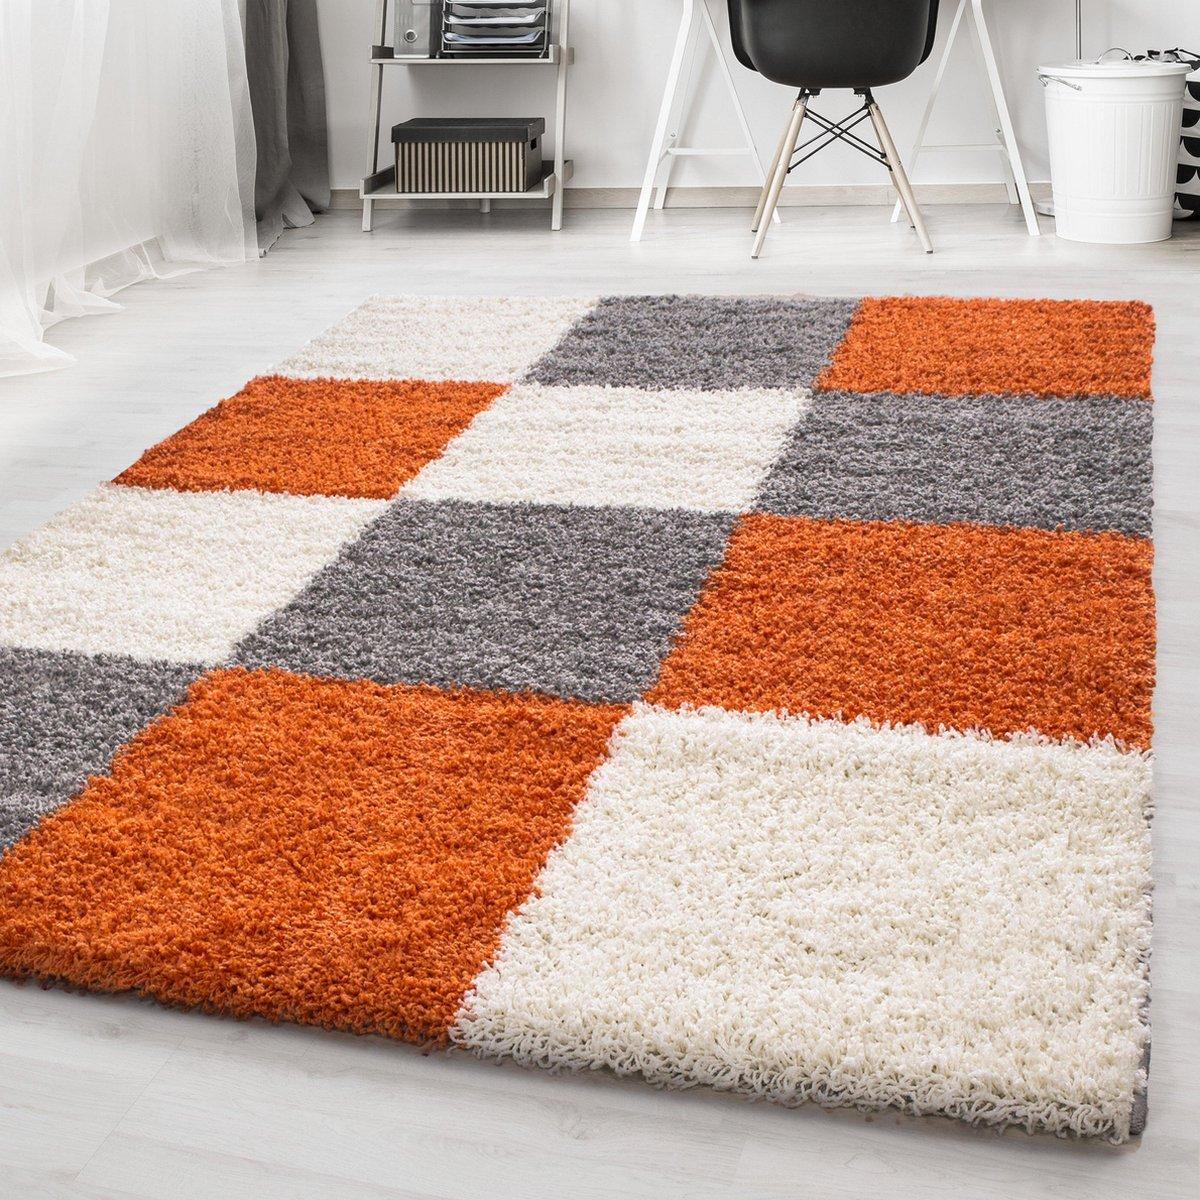 Oranje Tapijt Hoogpolig Vloerkleed Omid Essential Blokjes 200x290cm Modern Woonkamer Salon Slaapkamer Eetkamer